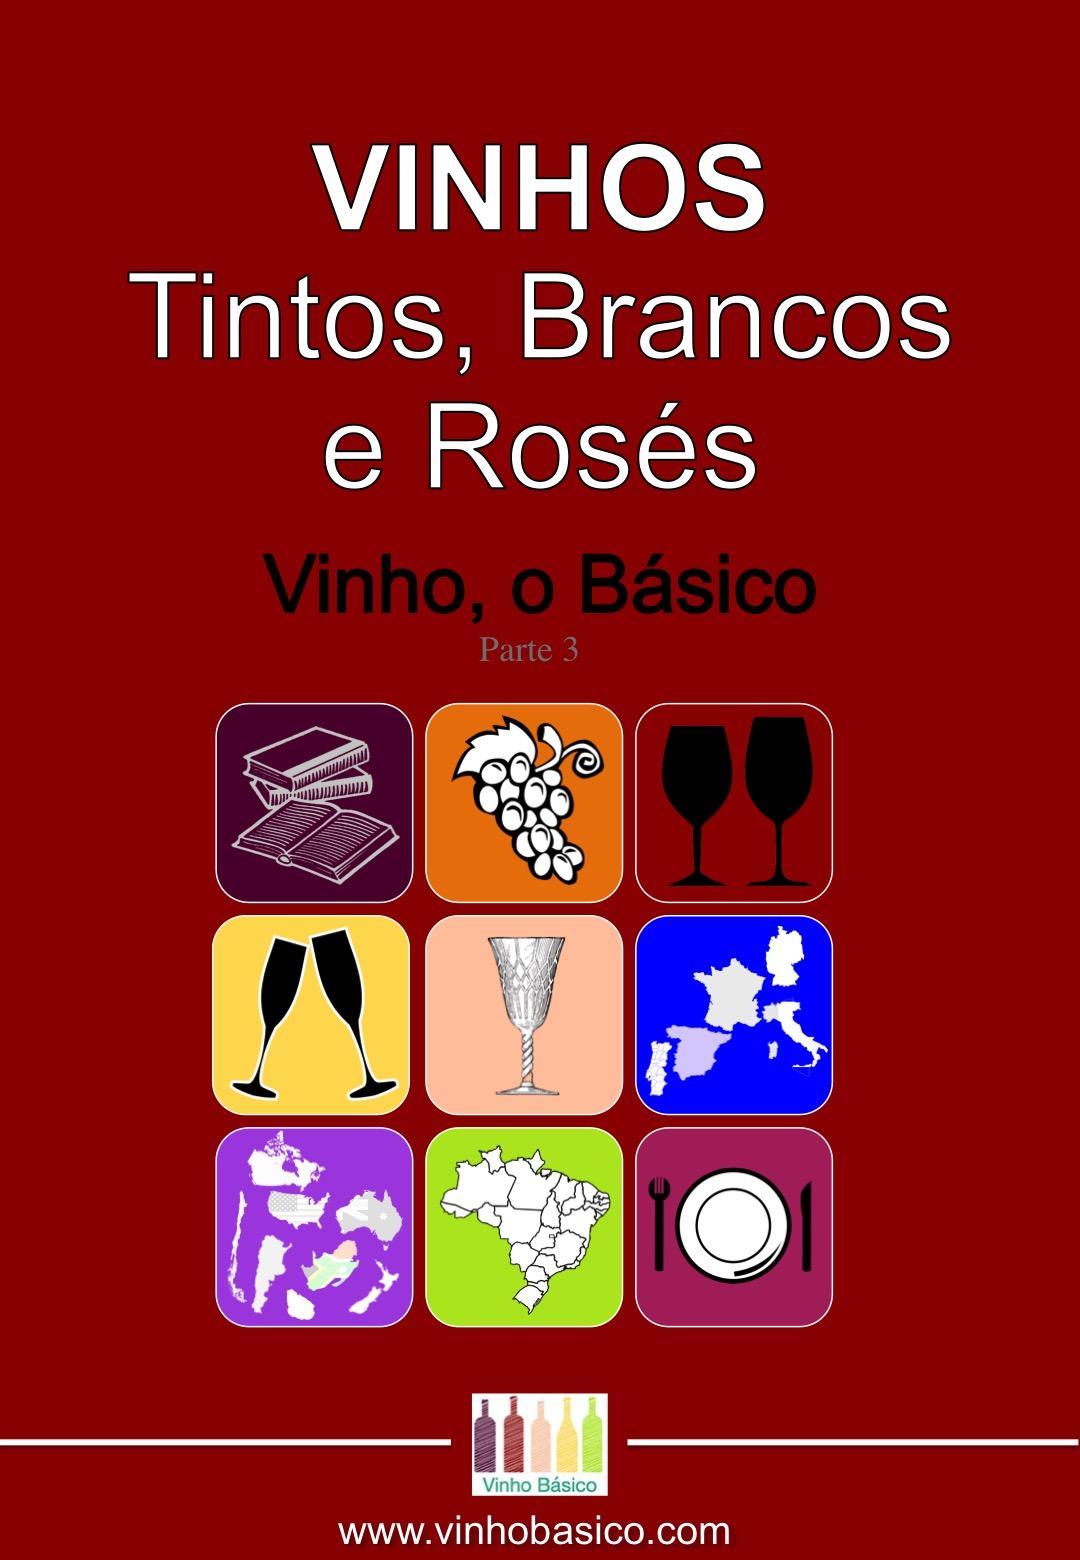 Capa Ebook Vinho o Basico 3 VINHOS